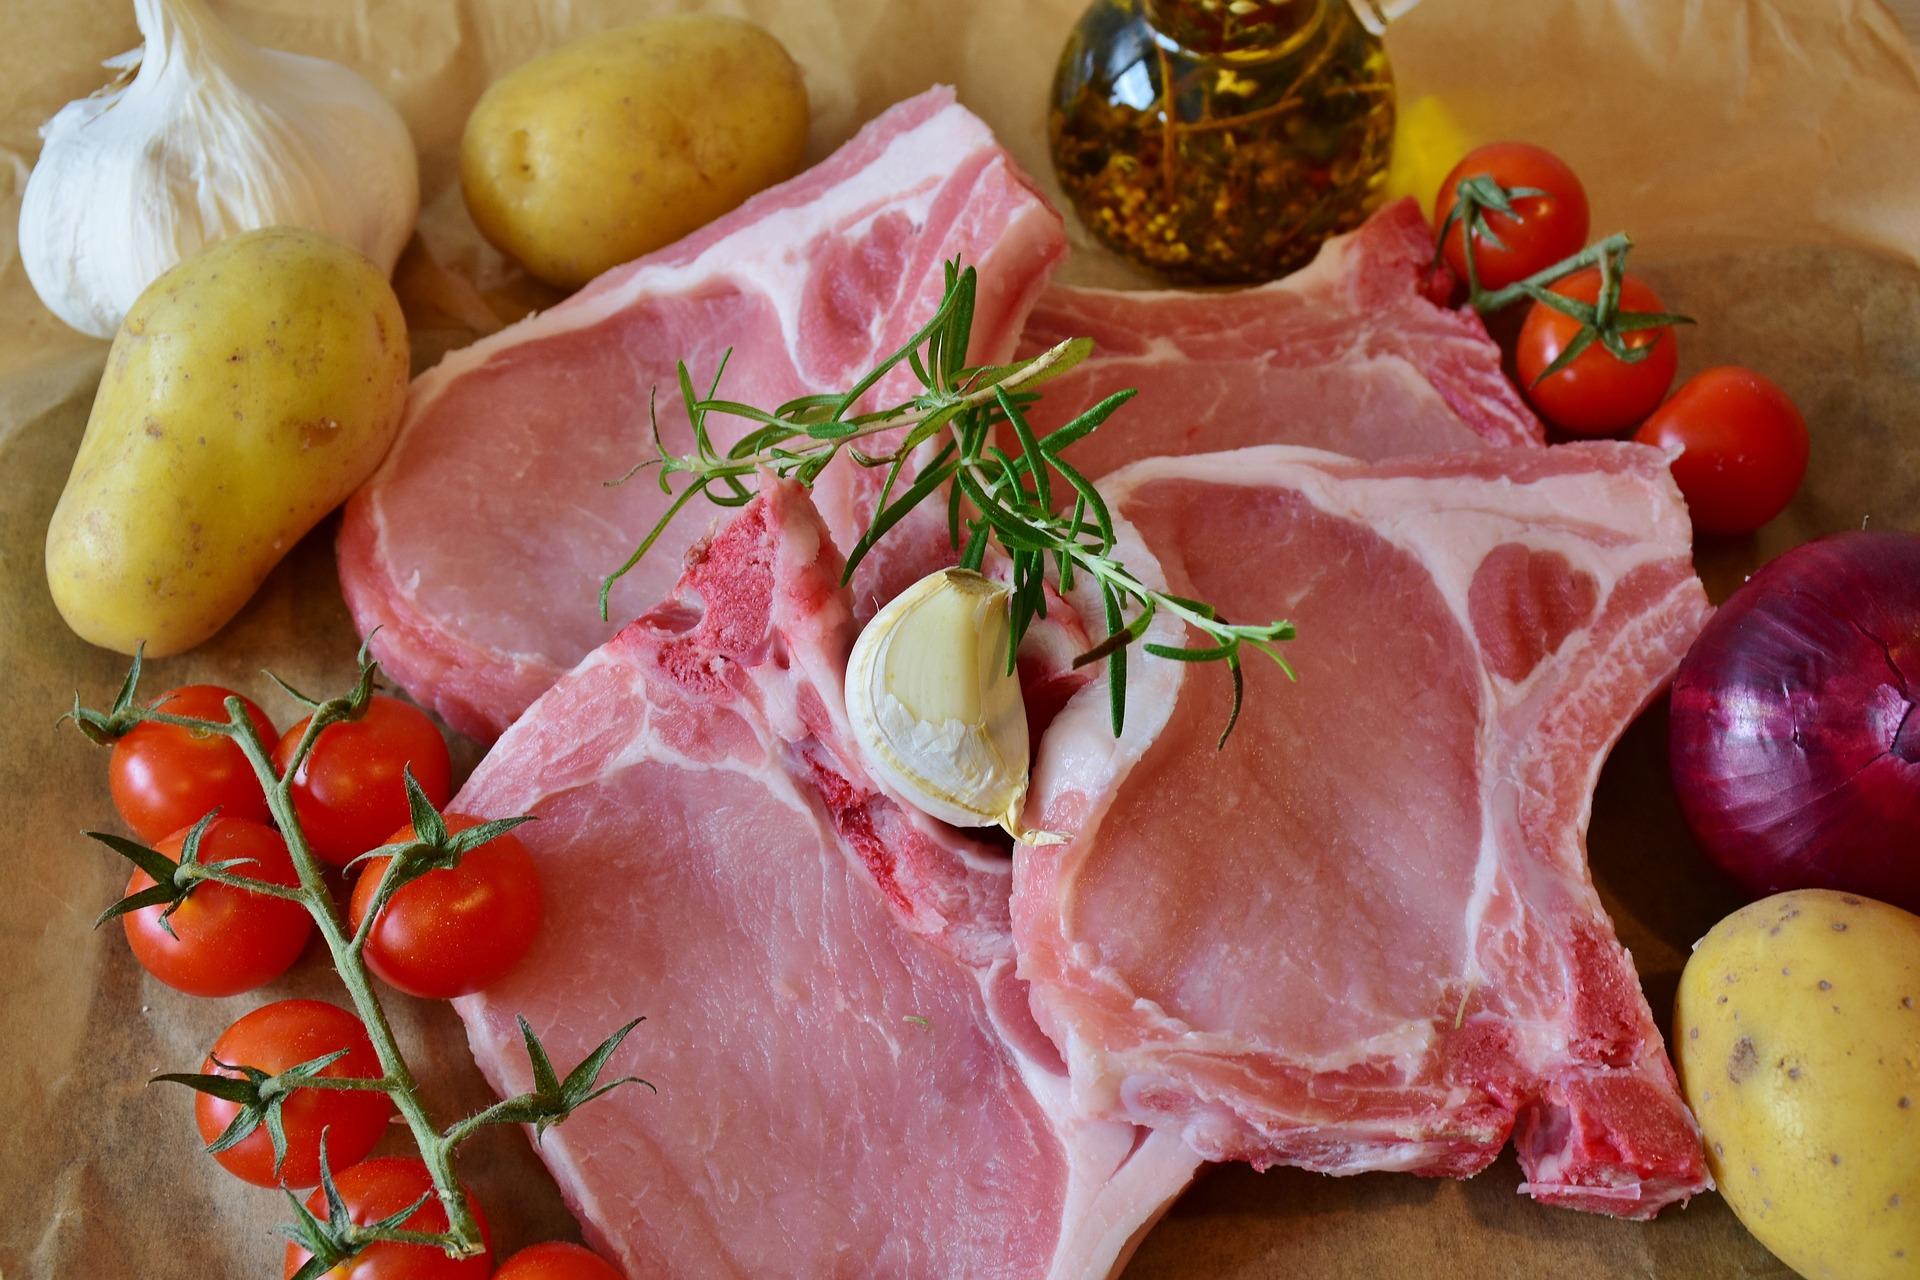 import wieprzowiny,  eksport wieprzowiny,  świnie,  trzoda chlewna,  produkcja trzody chlewnej,  mięso wieprzowe,  BGŻ BNP Paribas